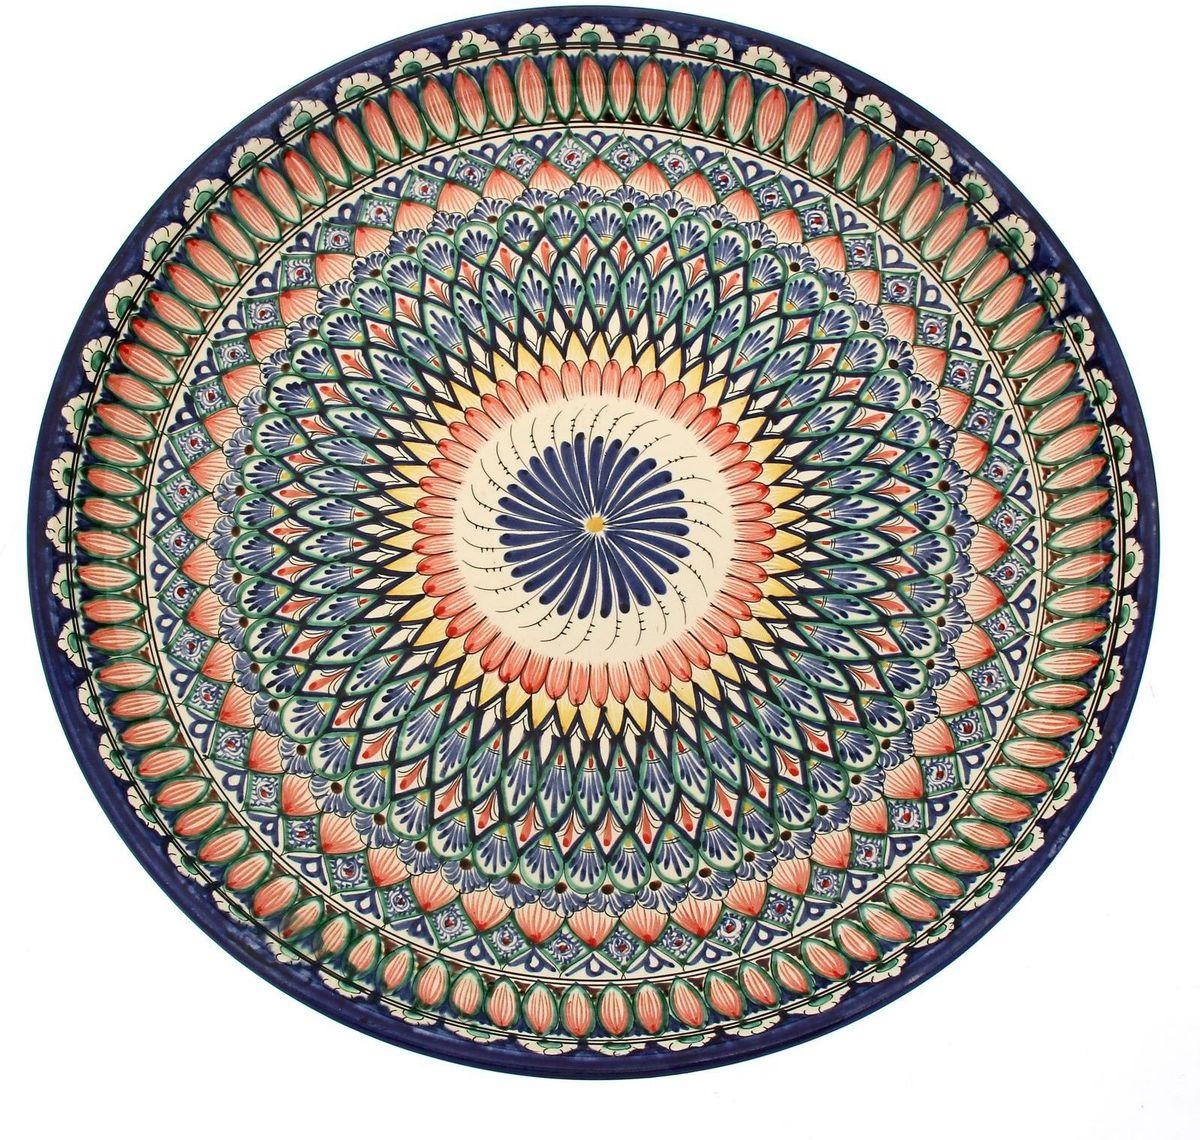 Ляган Риштанская керамика, диаметр 46 см. 19242481924248Ляган — это не просто обеденный атрибут, это украшение стола. Посуда с национальной росписью станет отменным подарком для ценителей высокородной посуды.Риштан — город на востоке Узбекистана, один из древнейших в Ферганской долине. С давних времён Риштан славится своим гончарным искусством изготовления цветной керамики. Красноватую глину для изделия добывают в самом городе. Мастера утверждают, что их глина настолько высокого качества, что даже не нуждается в предварительной обработке. Дополните коллекцию кухонных аксессуаров пряными восточными нотами.